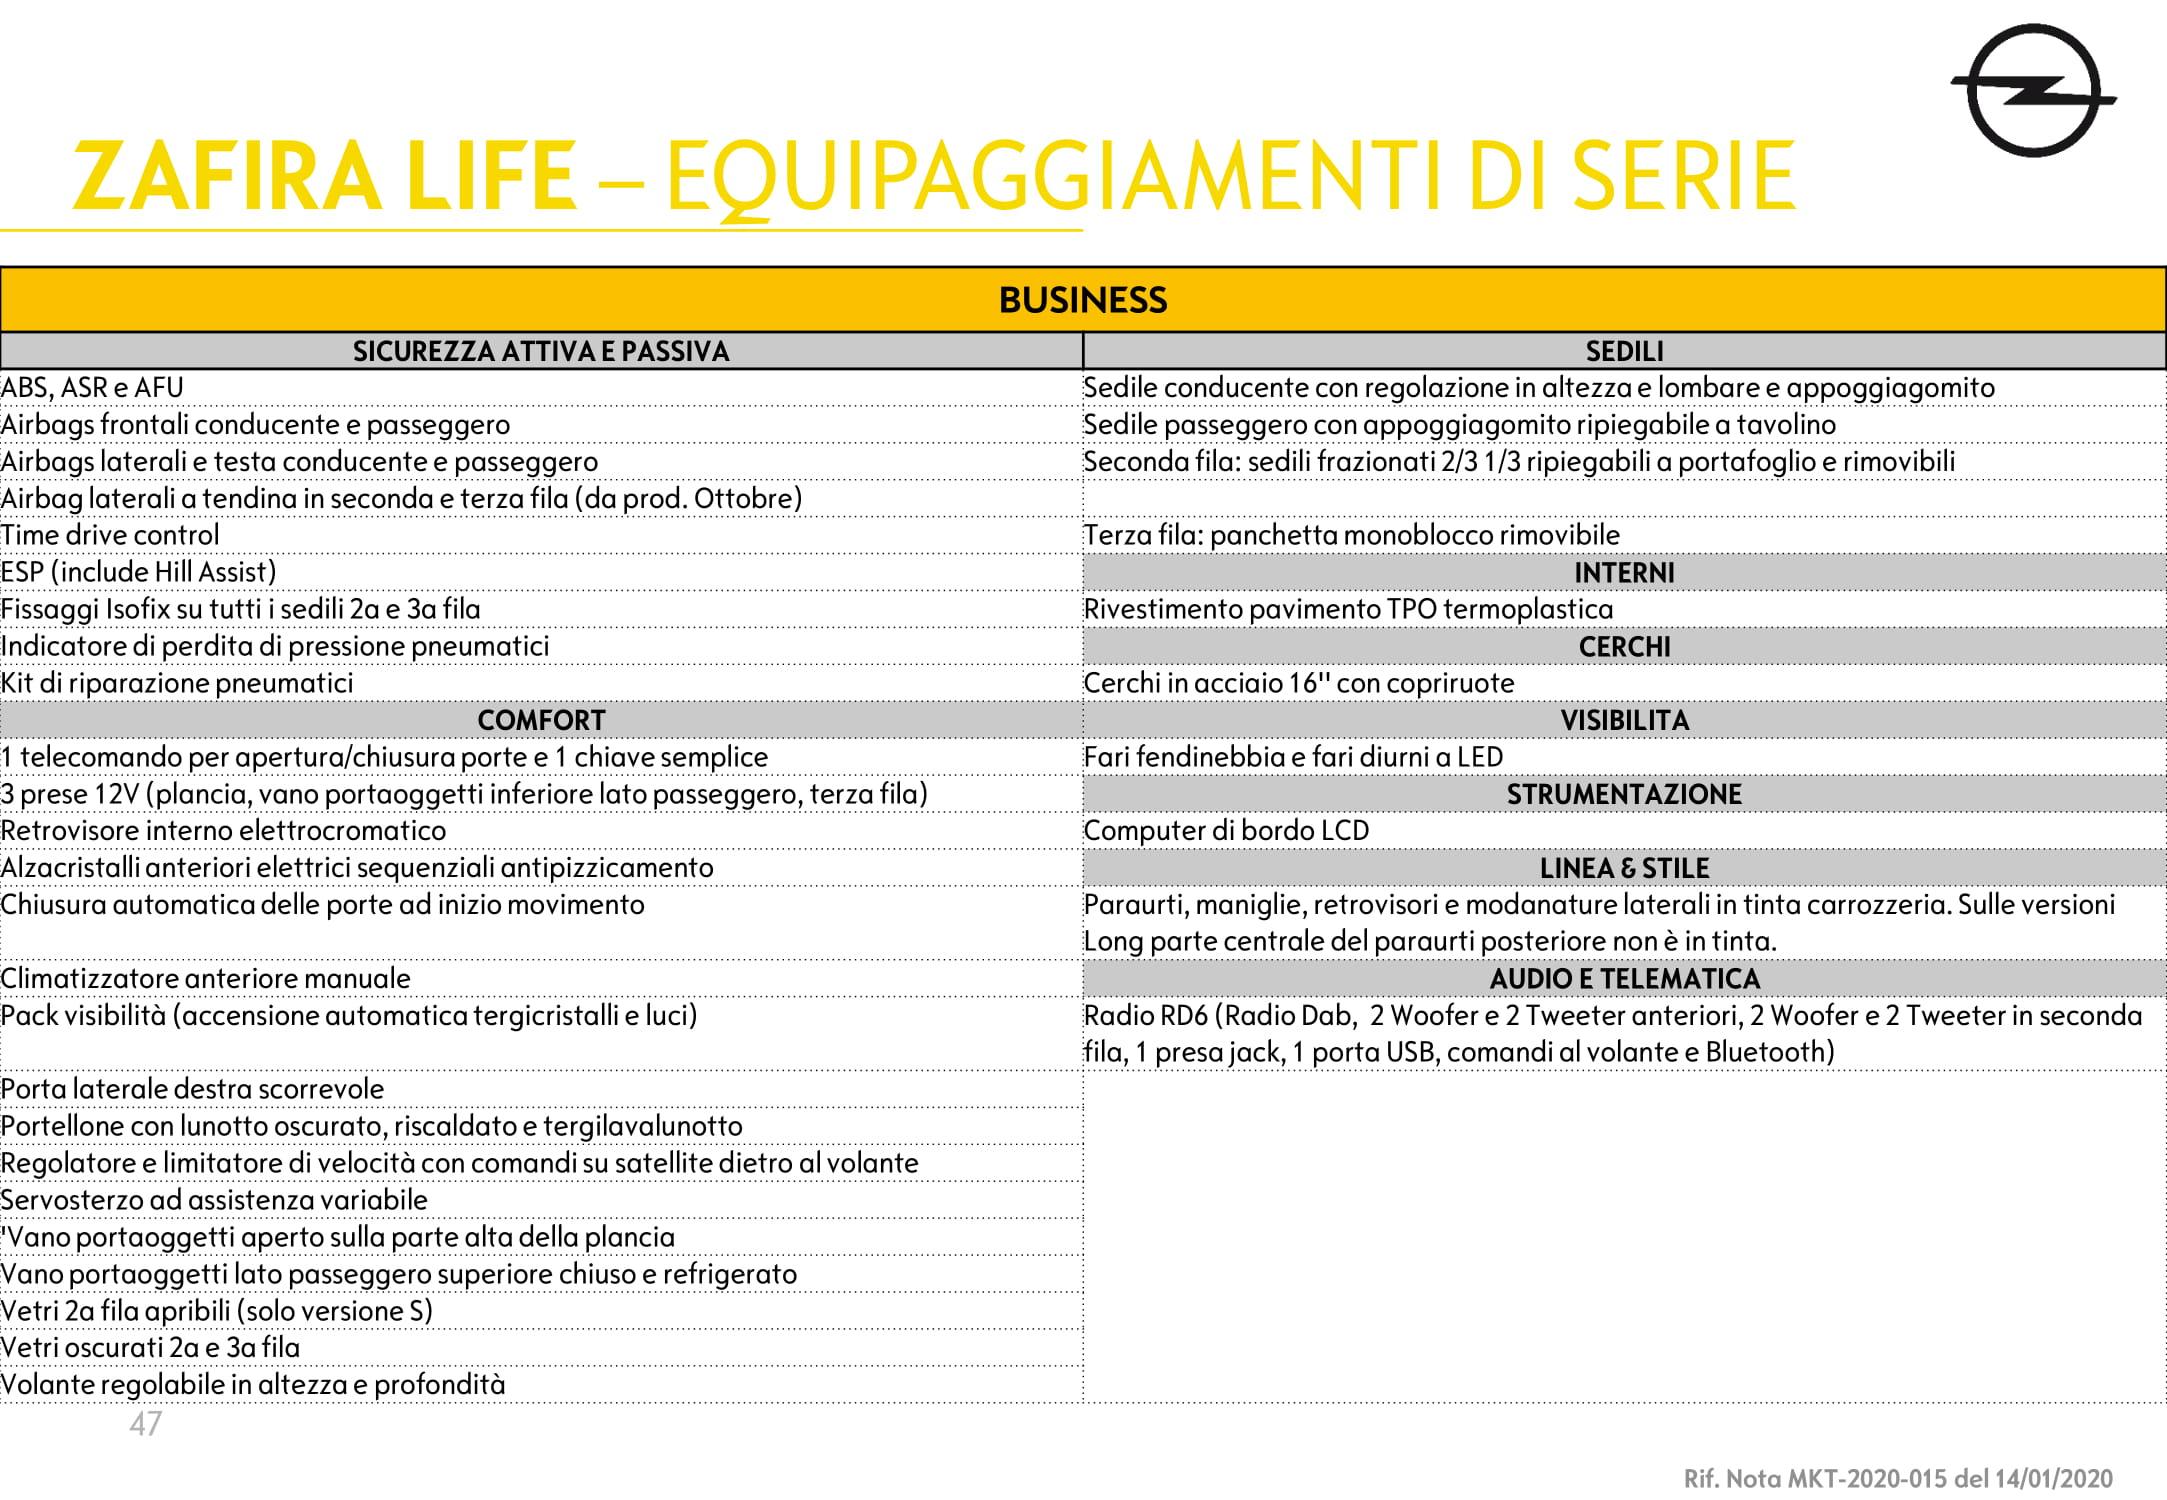 equip zafira life-3